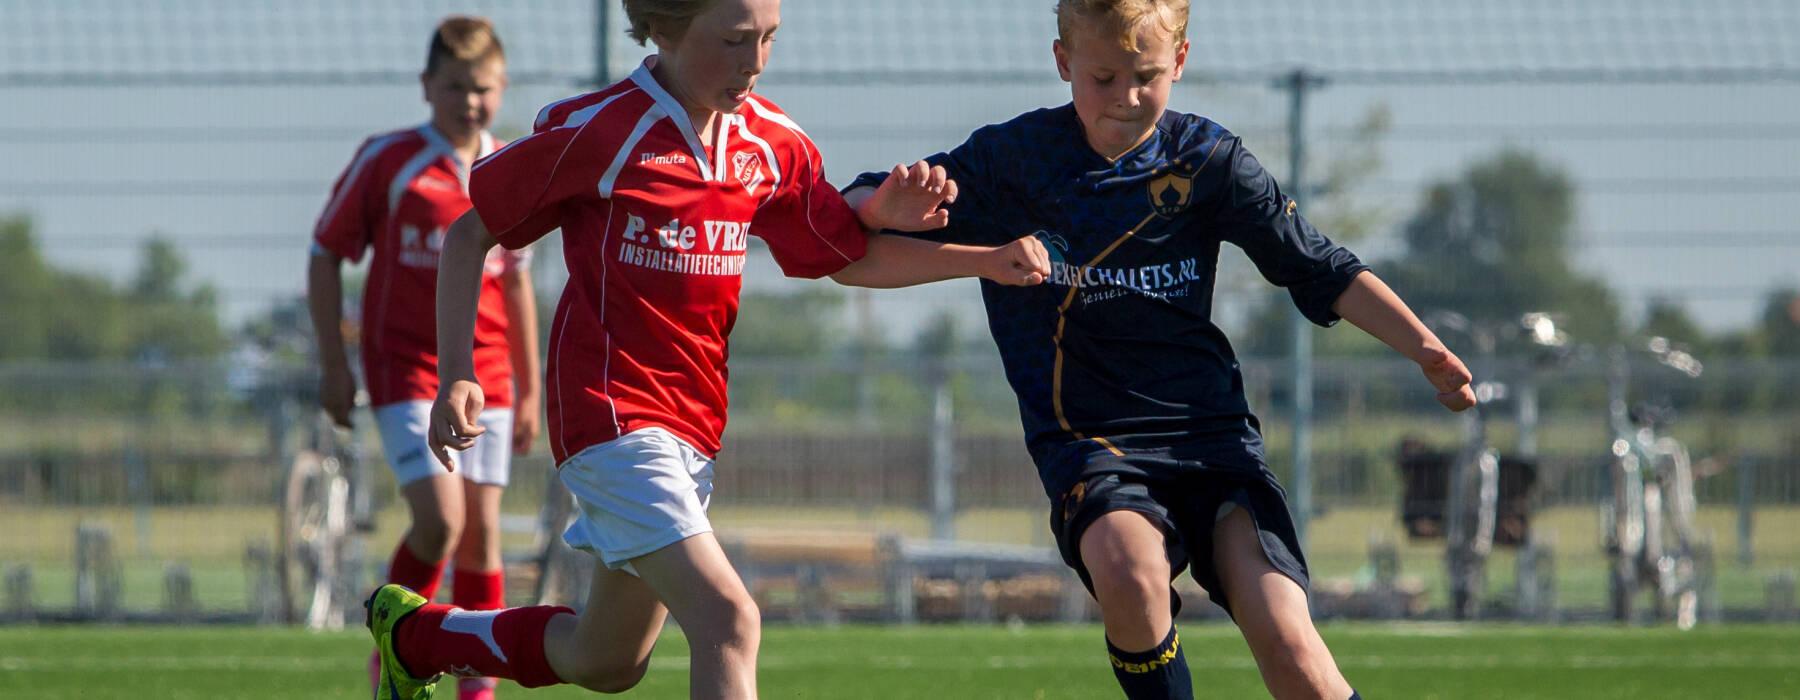 Nijs FNP - Sport - Fuotbal